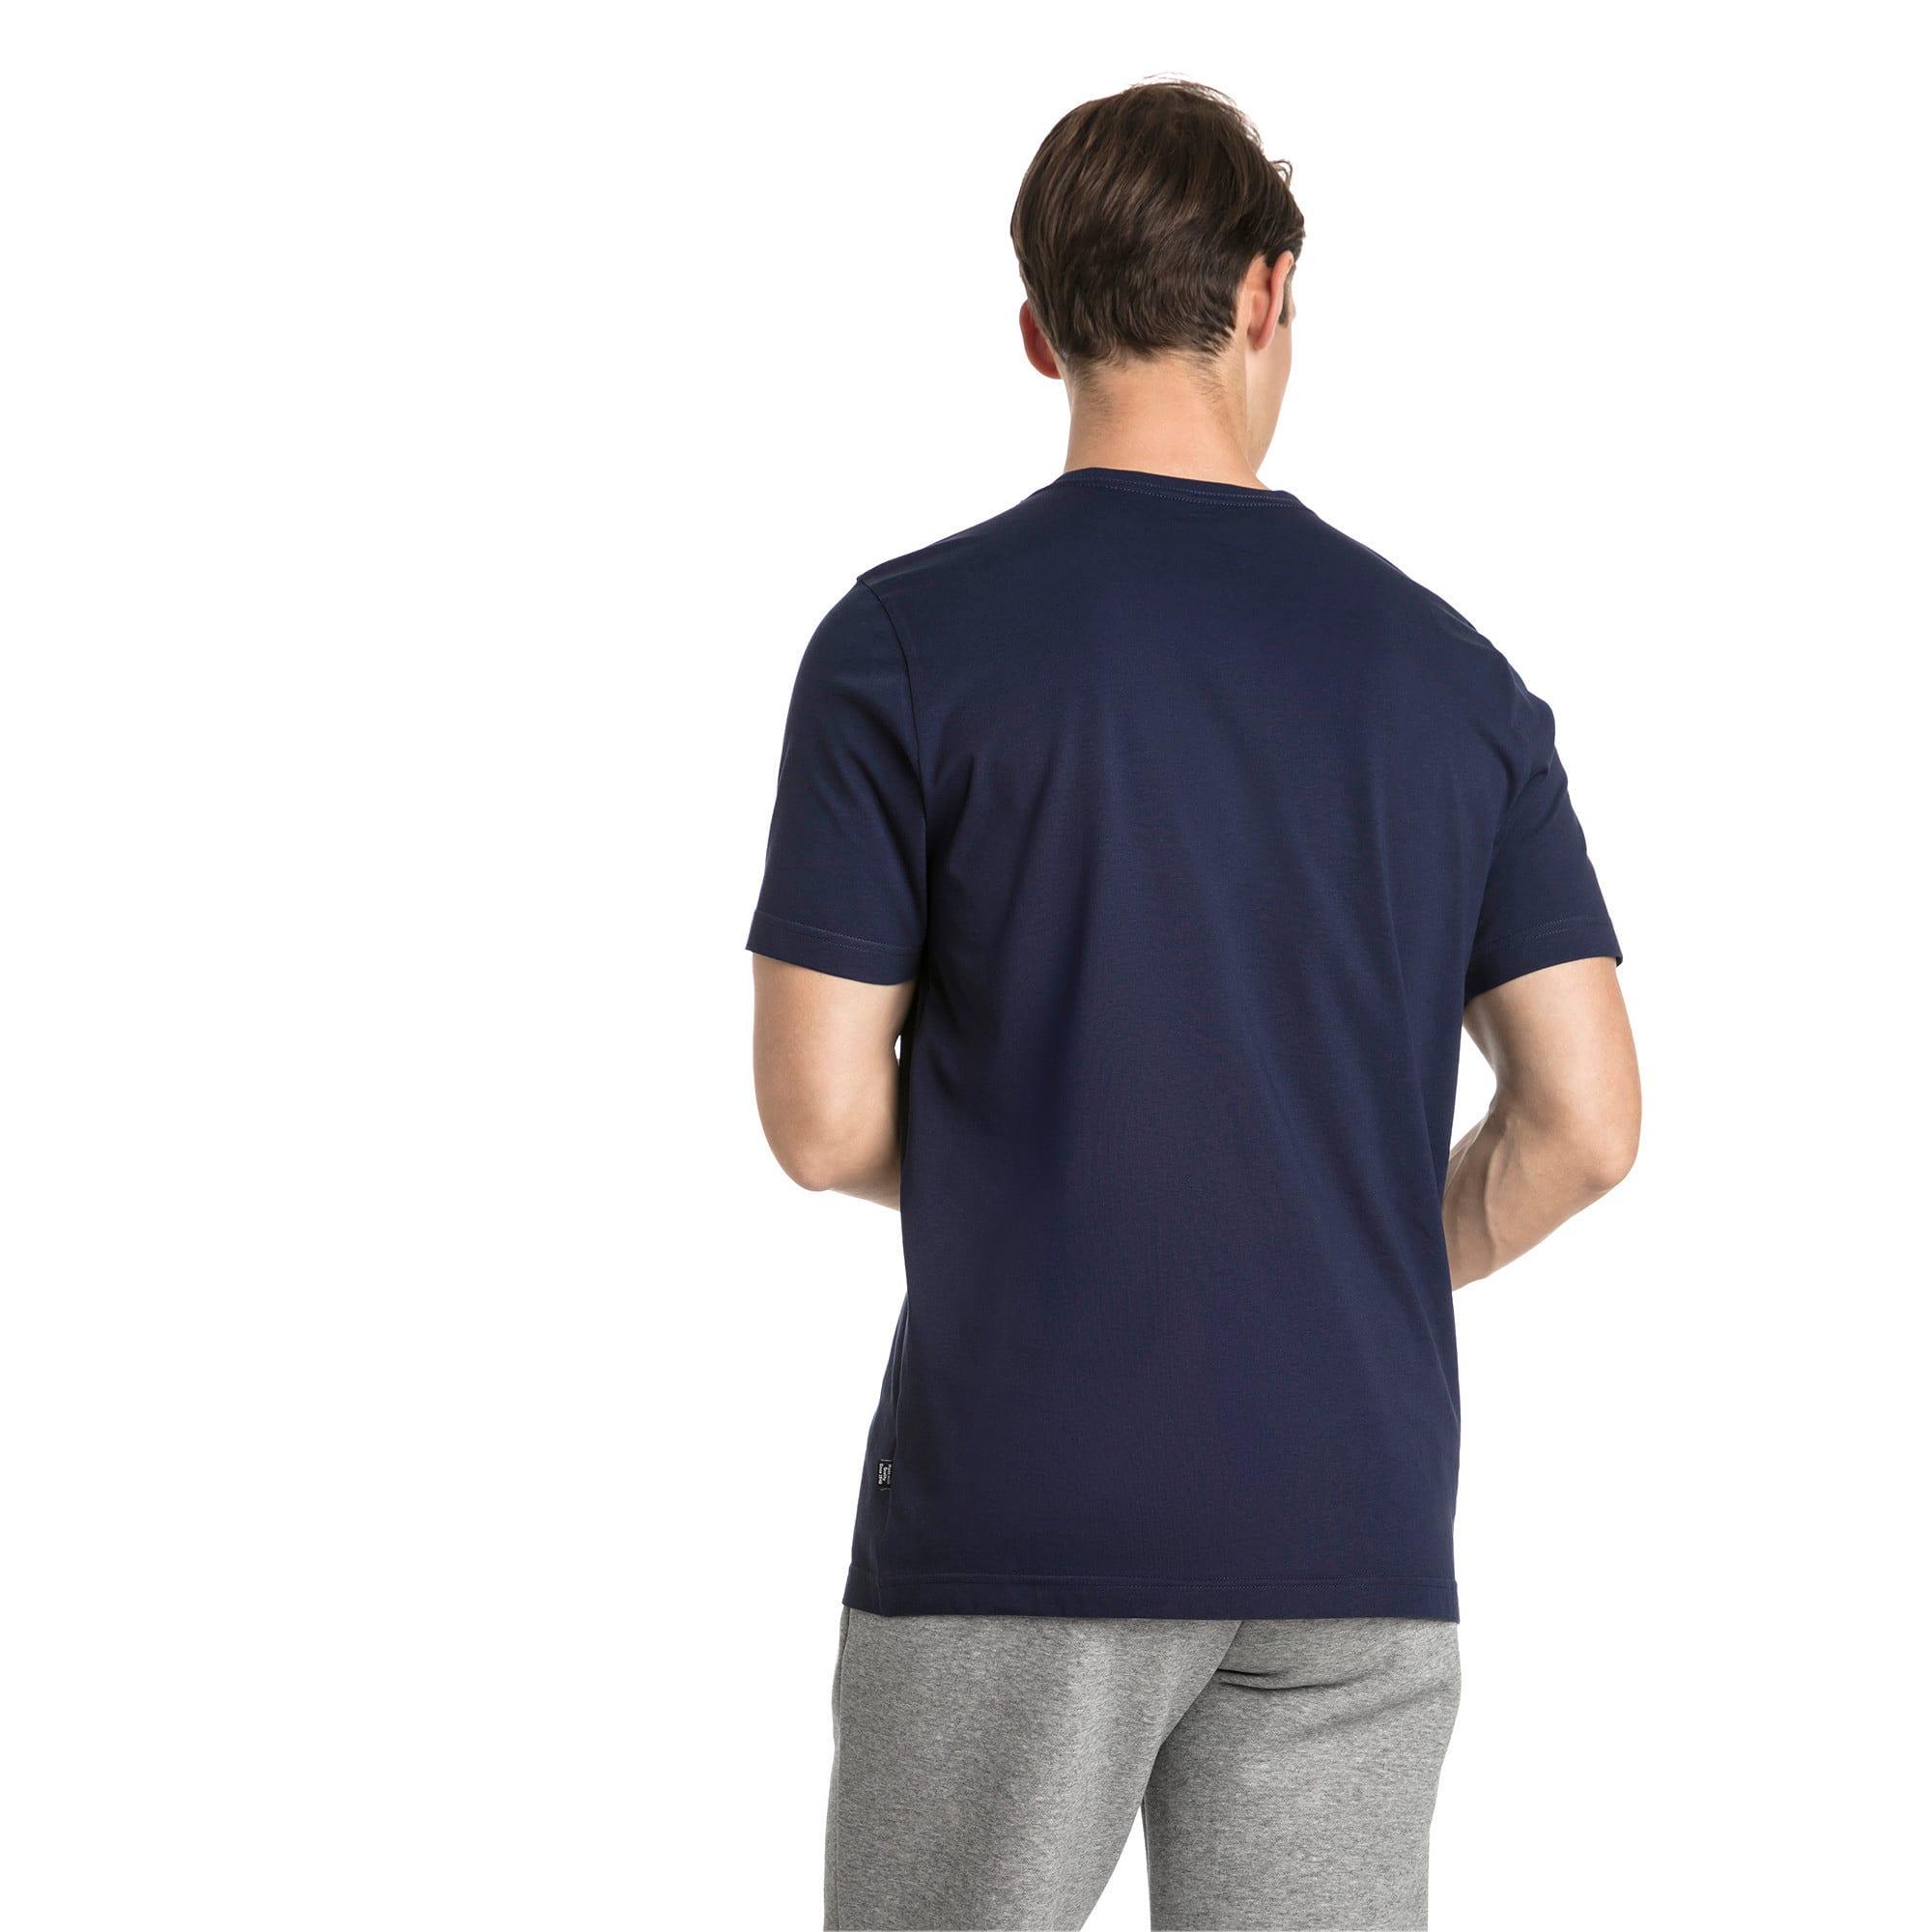 Thumbnail 2 of T-shirt con logo piccolo Essentials uomo, Peacoat-_Cat, medium